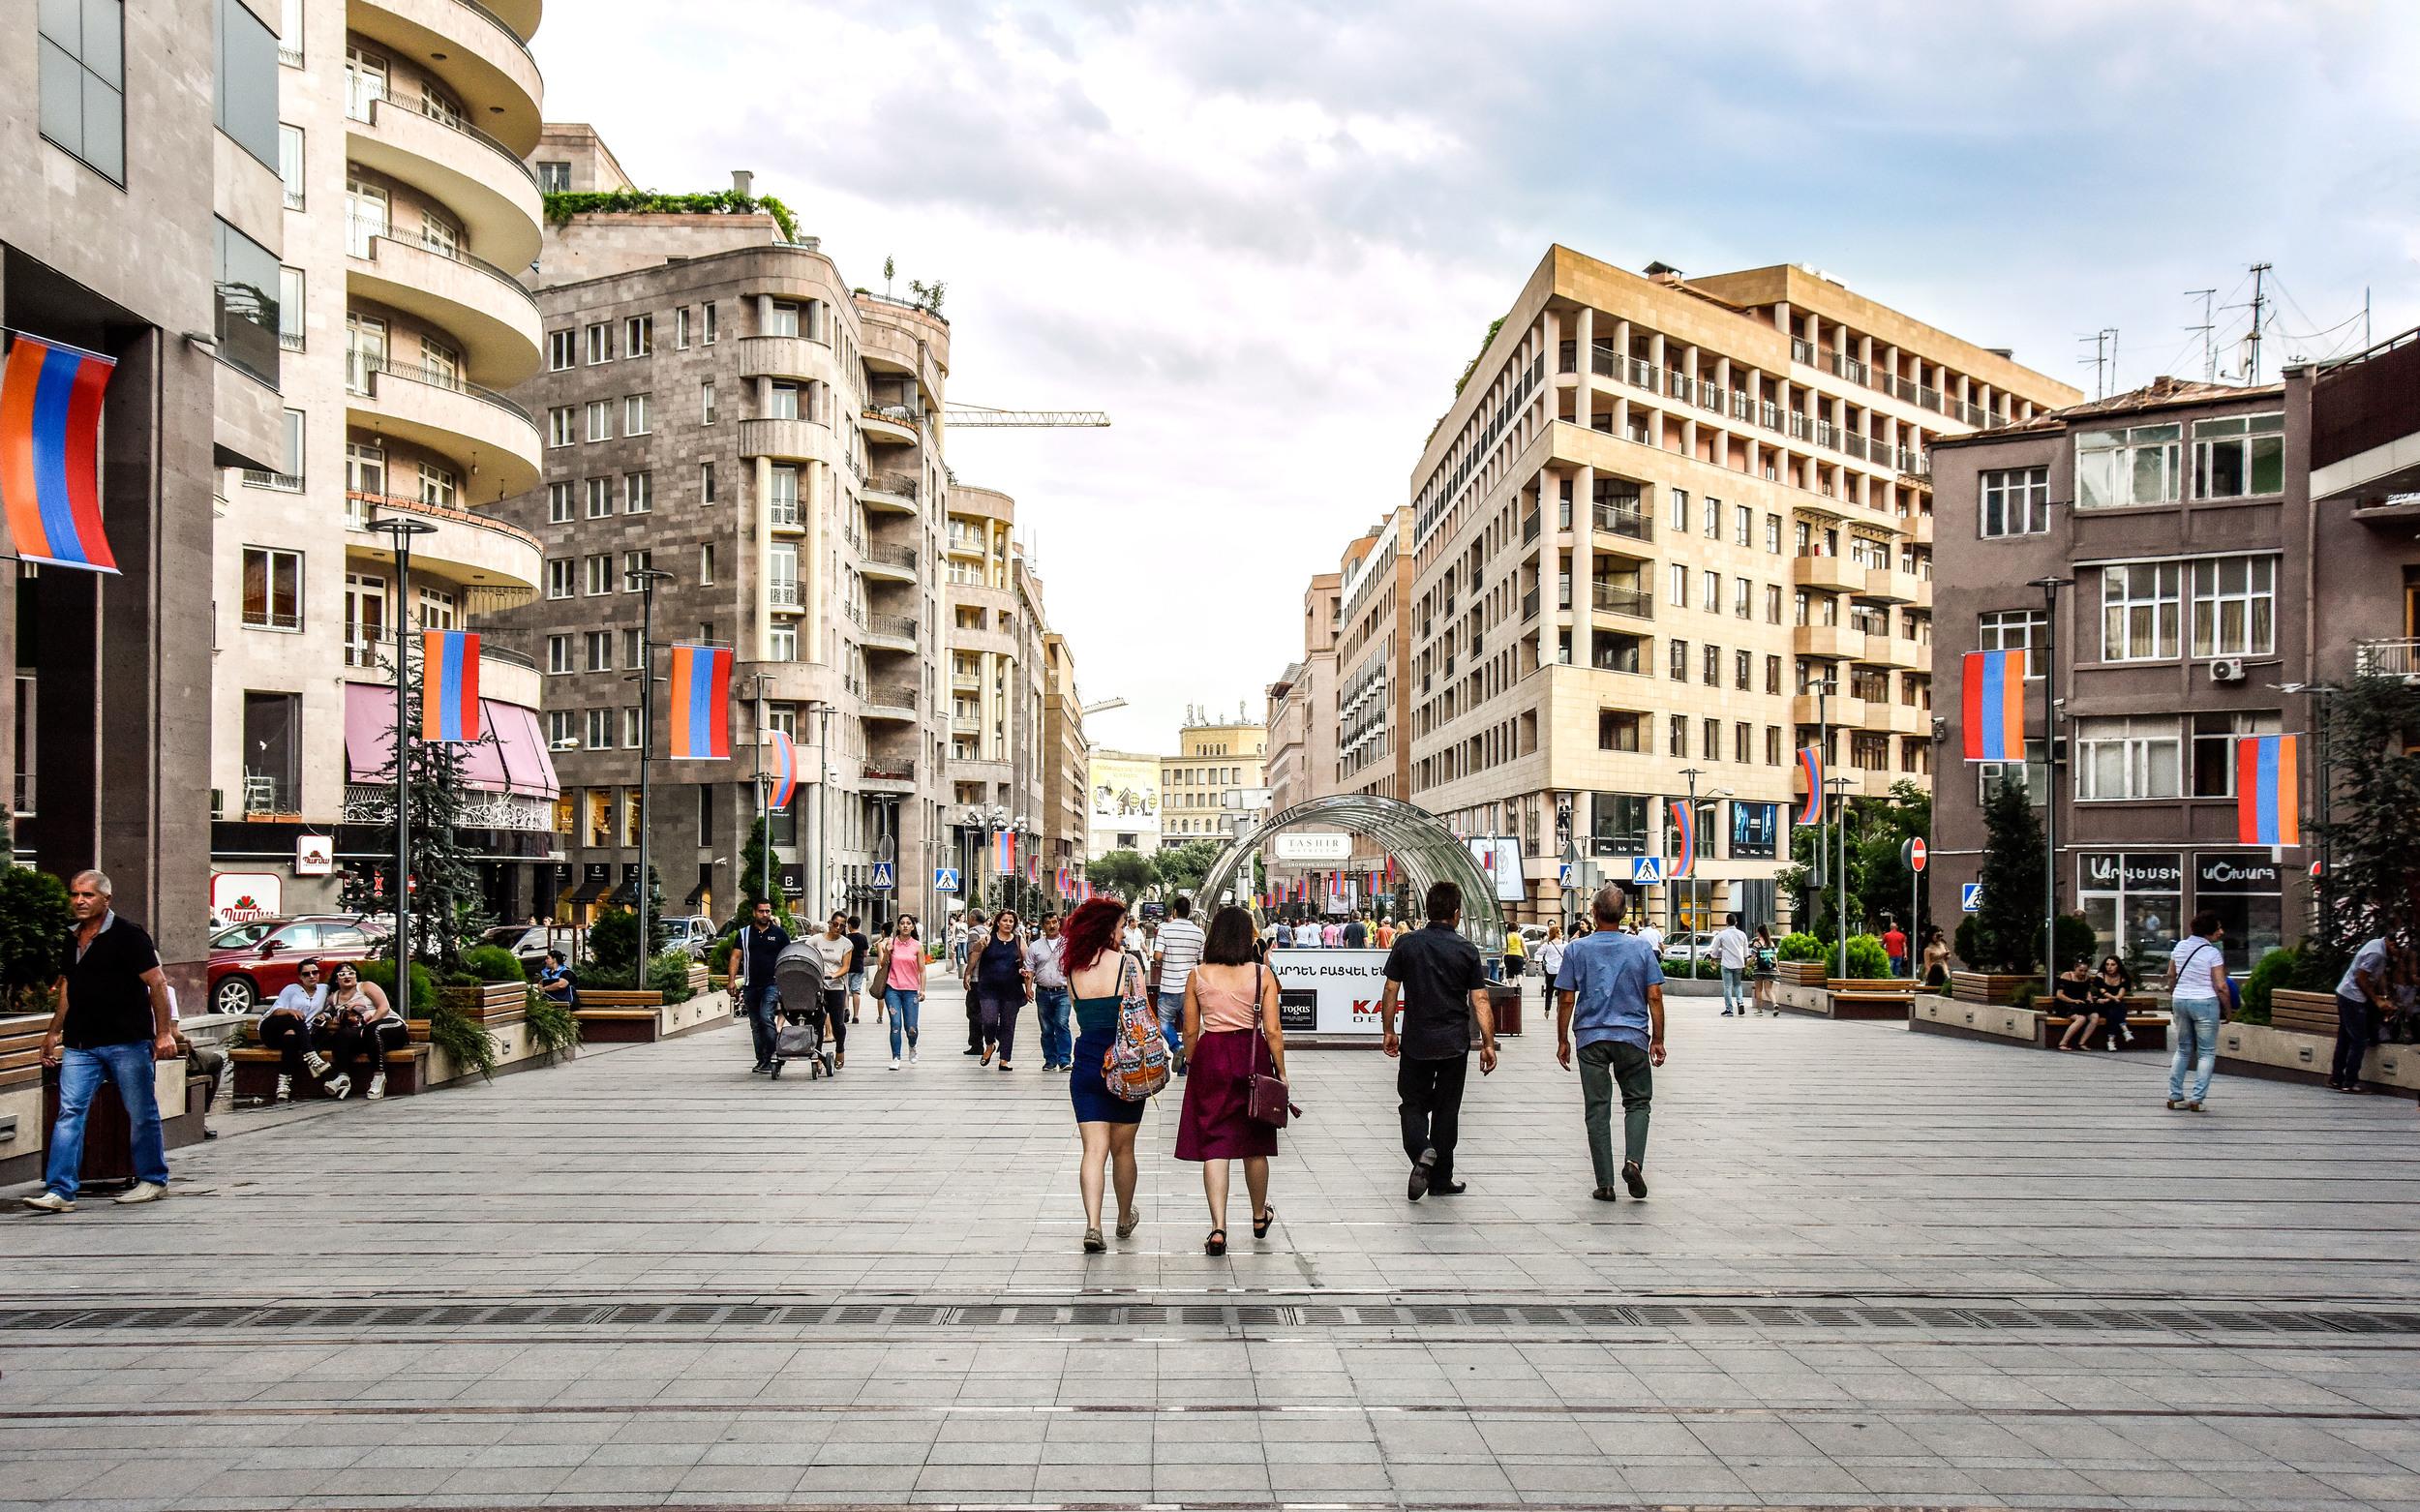 North Avenue in Yerevan